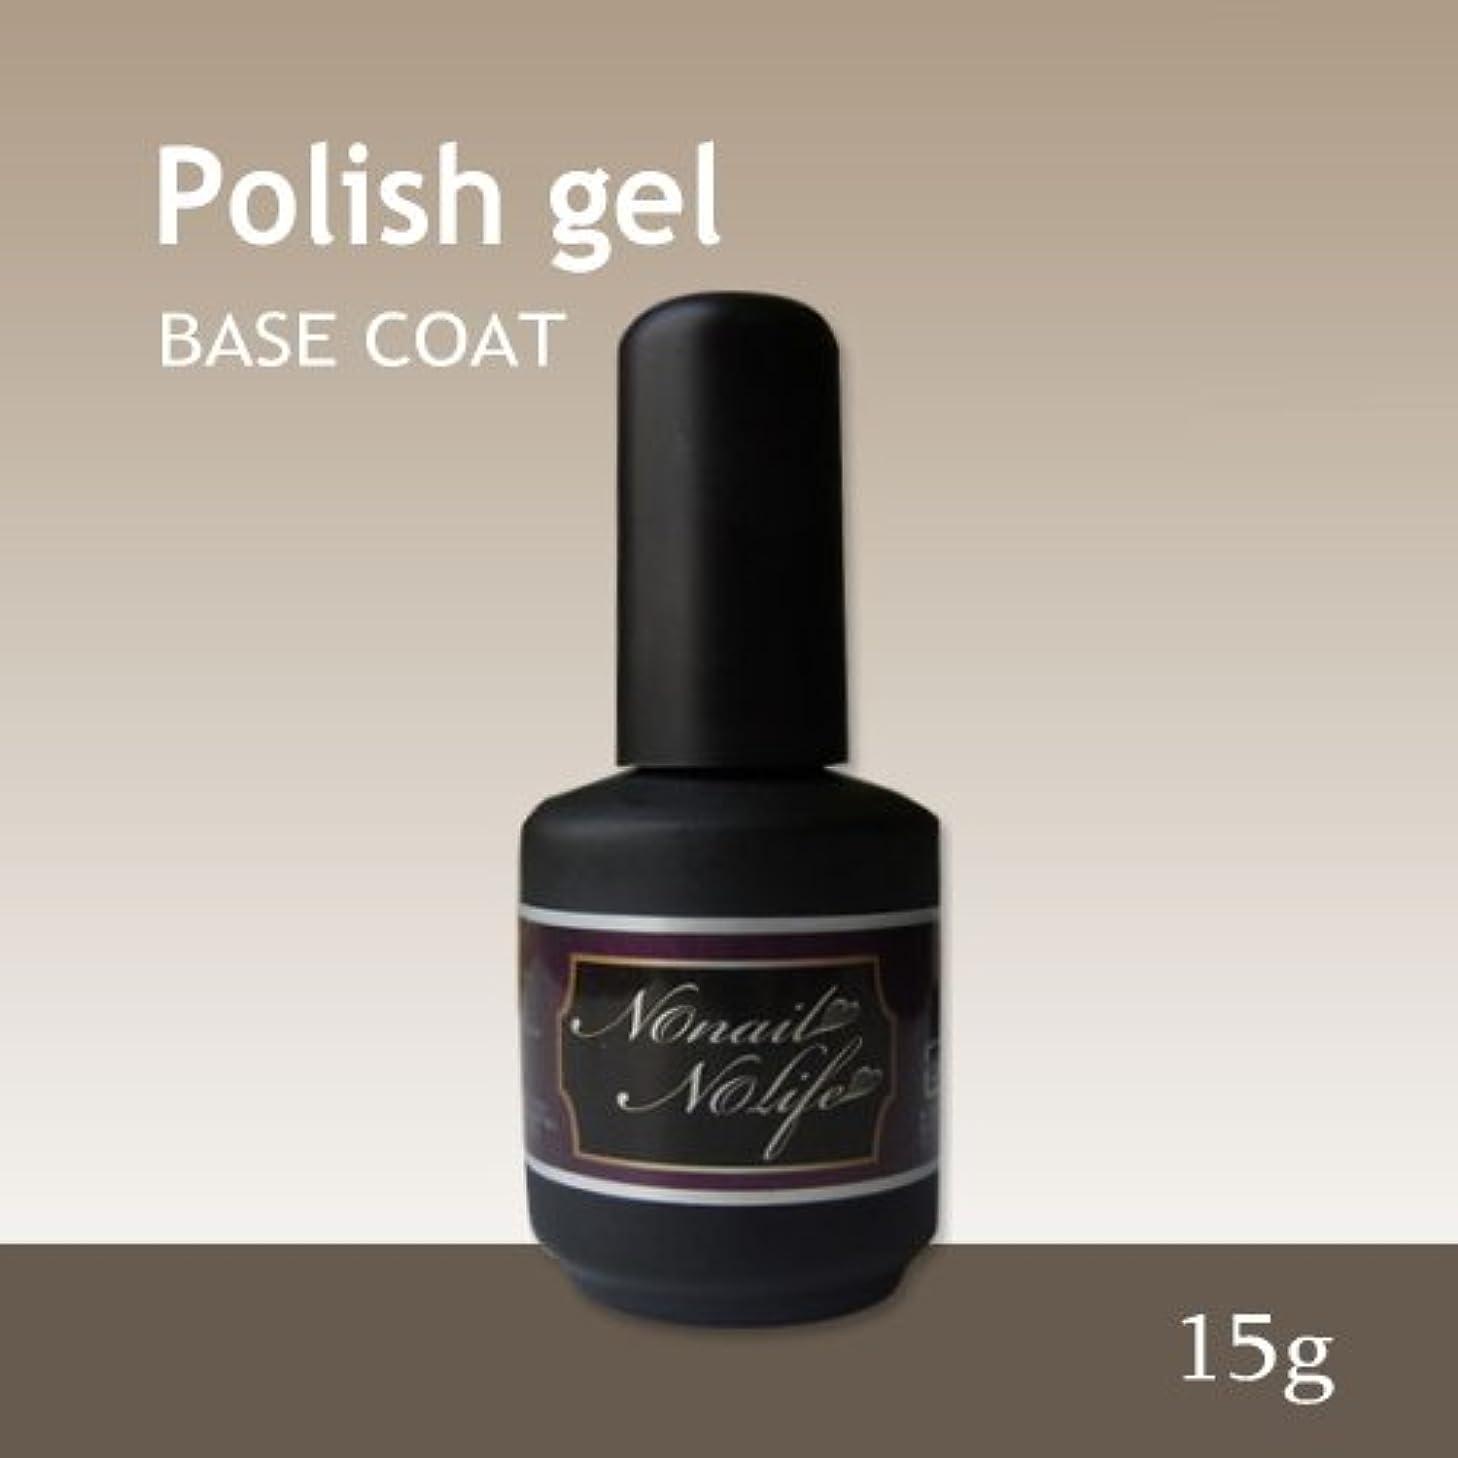 傾向ディスク約ジェルネイル《サンディング不要のベースコート》Natural Polish ポリッシュベースジェル(15g)